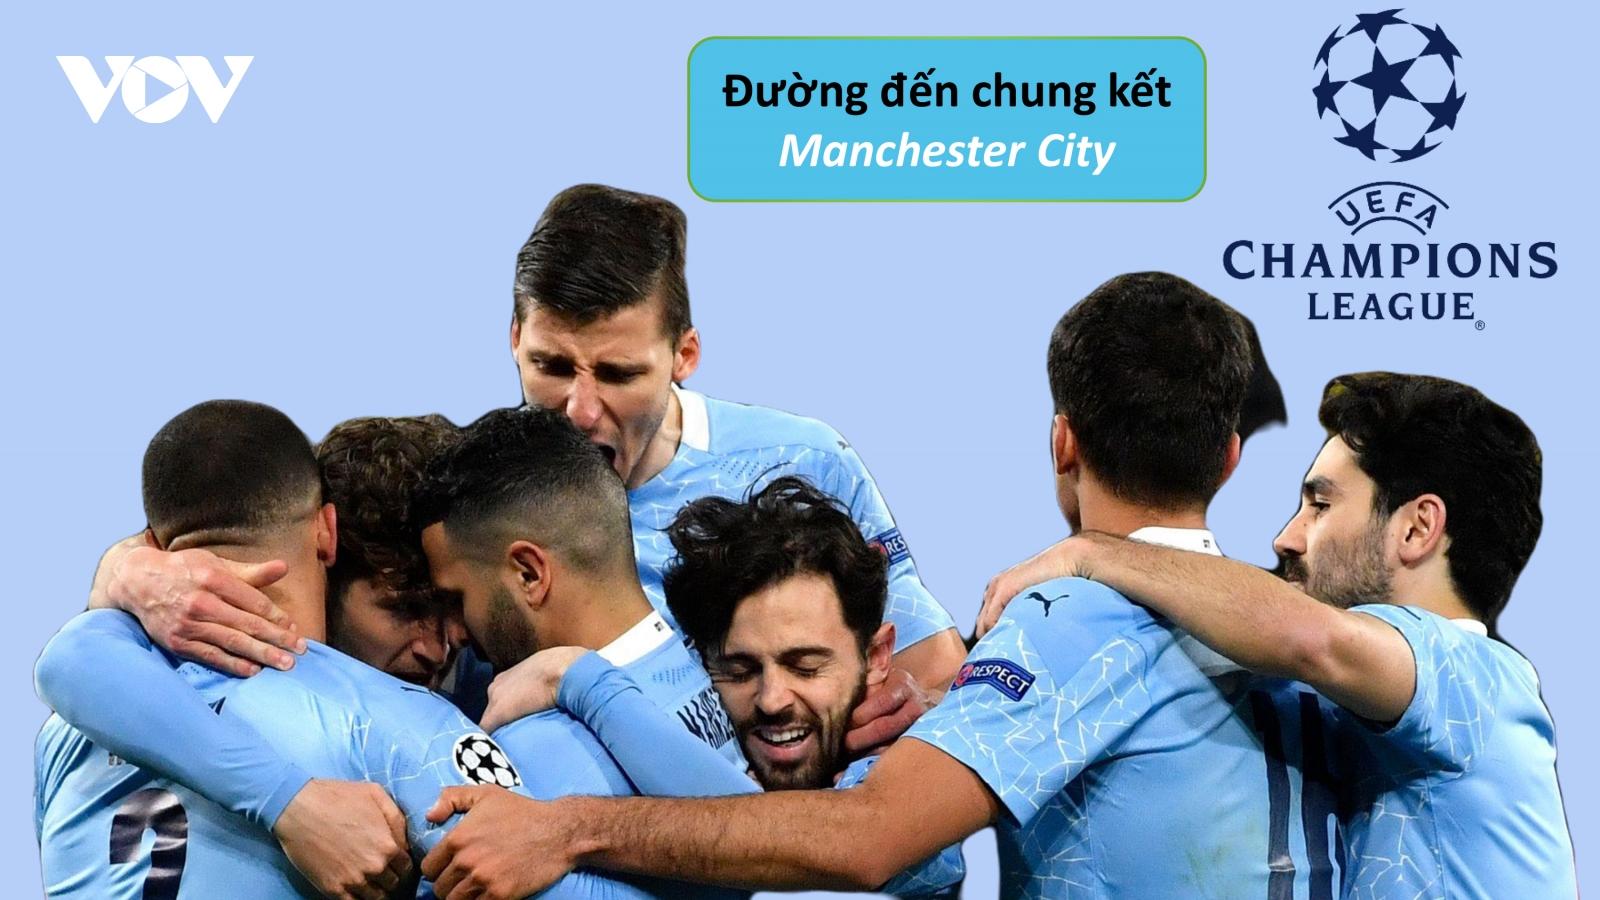 Đường đến chung kết Champions League 2020/2021 của Man City